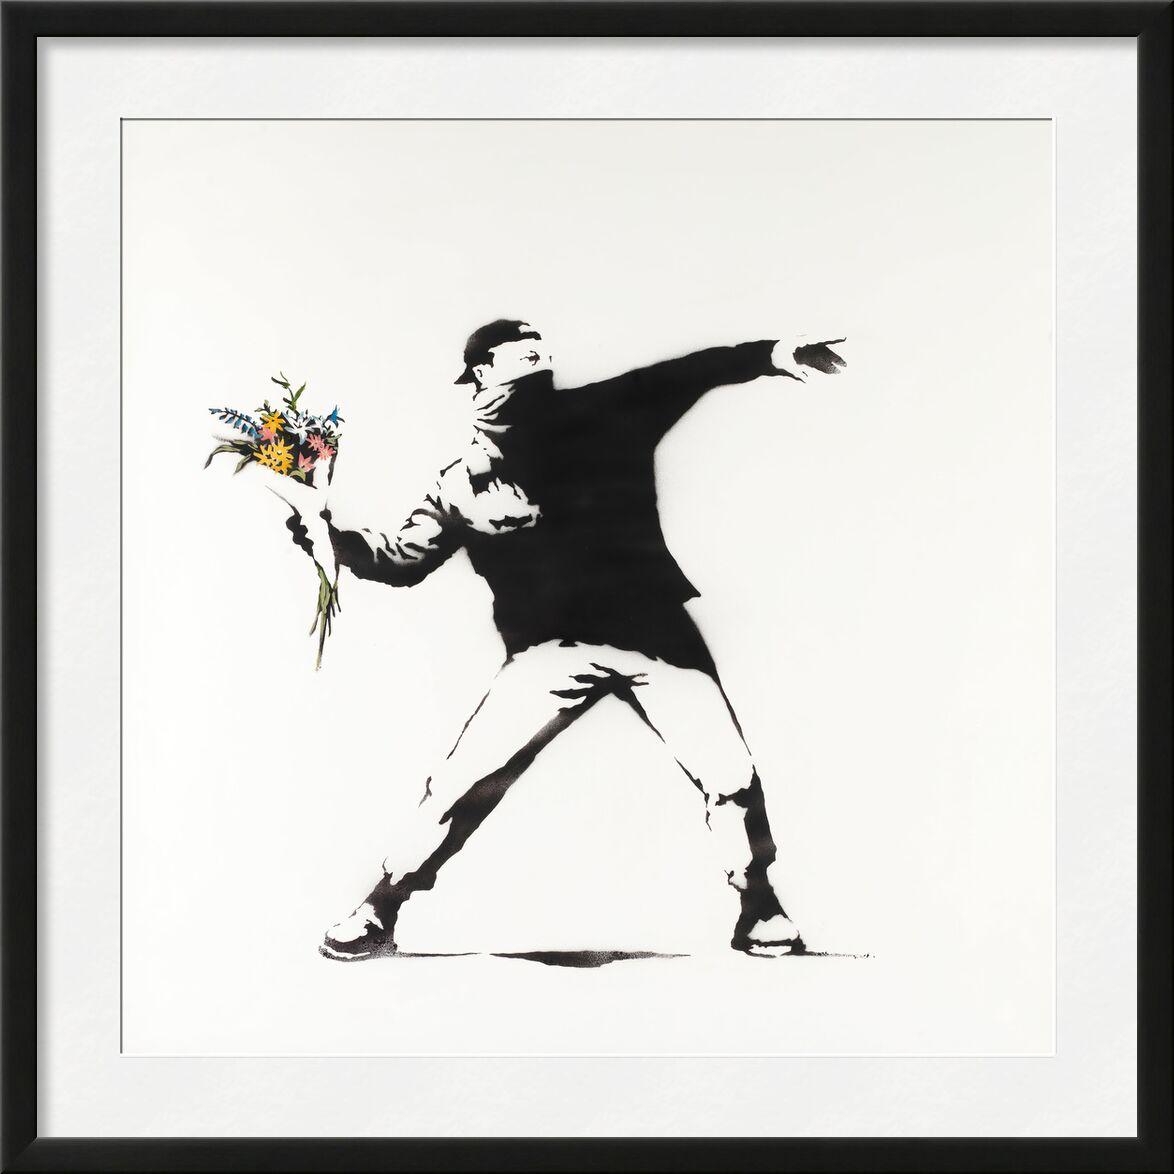 Love Is in the Air - BANKSY von AUX BEAUX-ARTS, Prodi Art, banksy, Liebe, Revolution, Luft, Graffiti, Straßenkunst